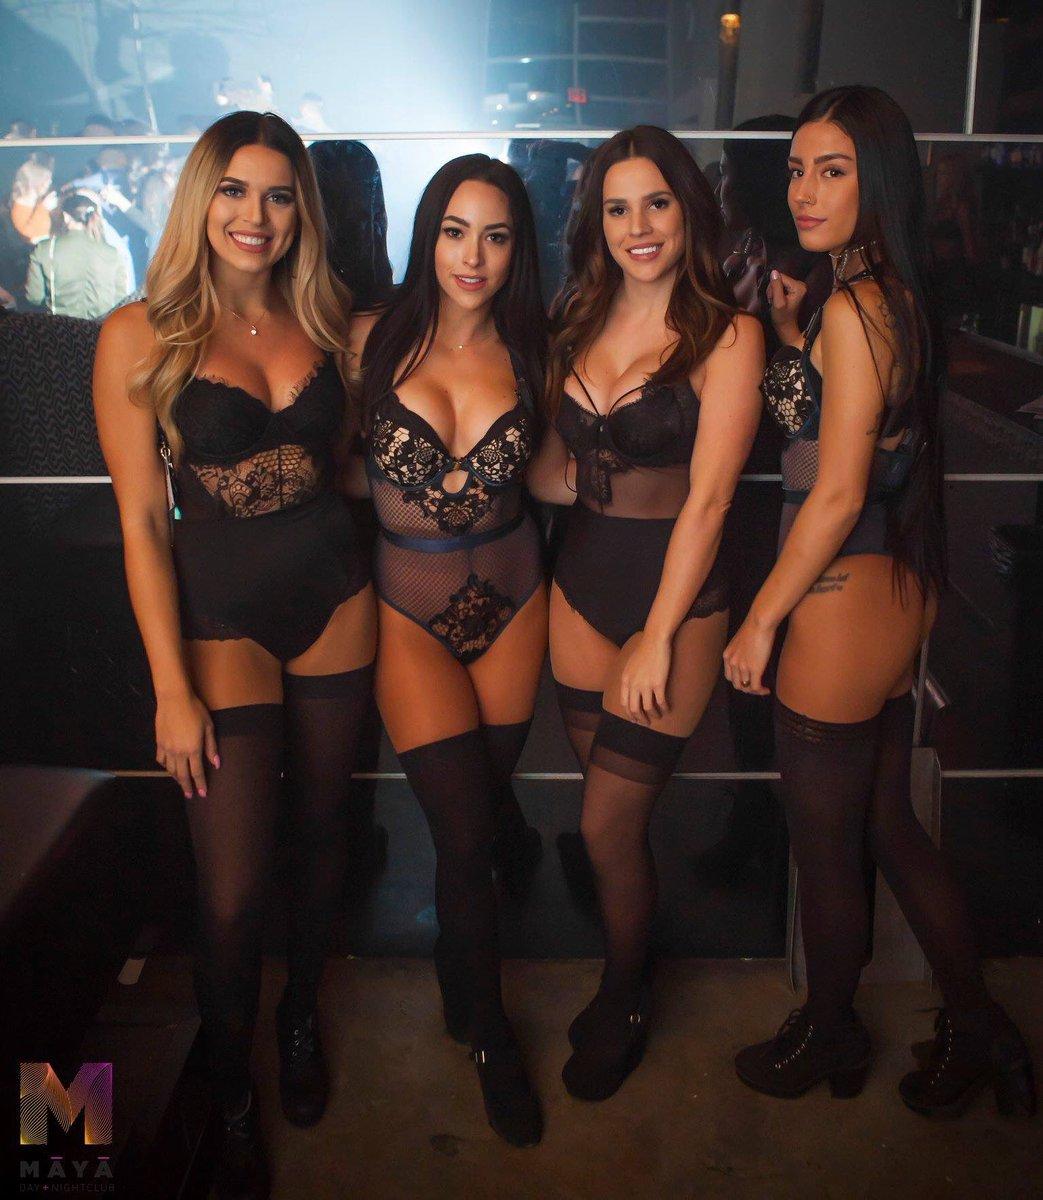 #SaturdayNight @ Maya Nightclub ~ High Energy Dance / Club Party ~ Dress to Impress ~ Q Ward + Friends ~ #ScottsdaleNights + Triyar ... All VIP through Gem Ray at 480.772.7613 (Text) ... http://www.ScottsdaleNights.com @MayaClubAZ @GemRayMedia